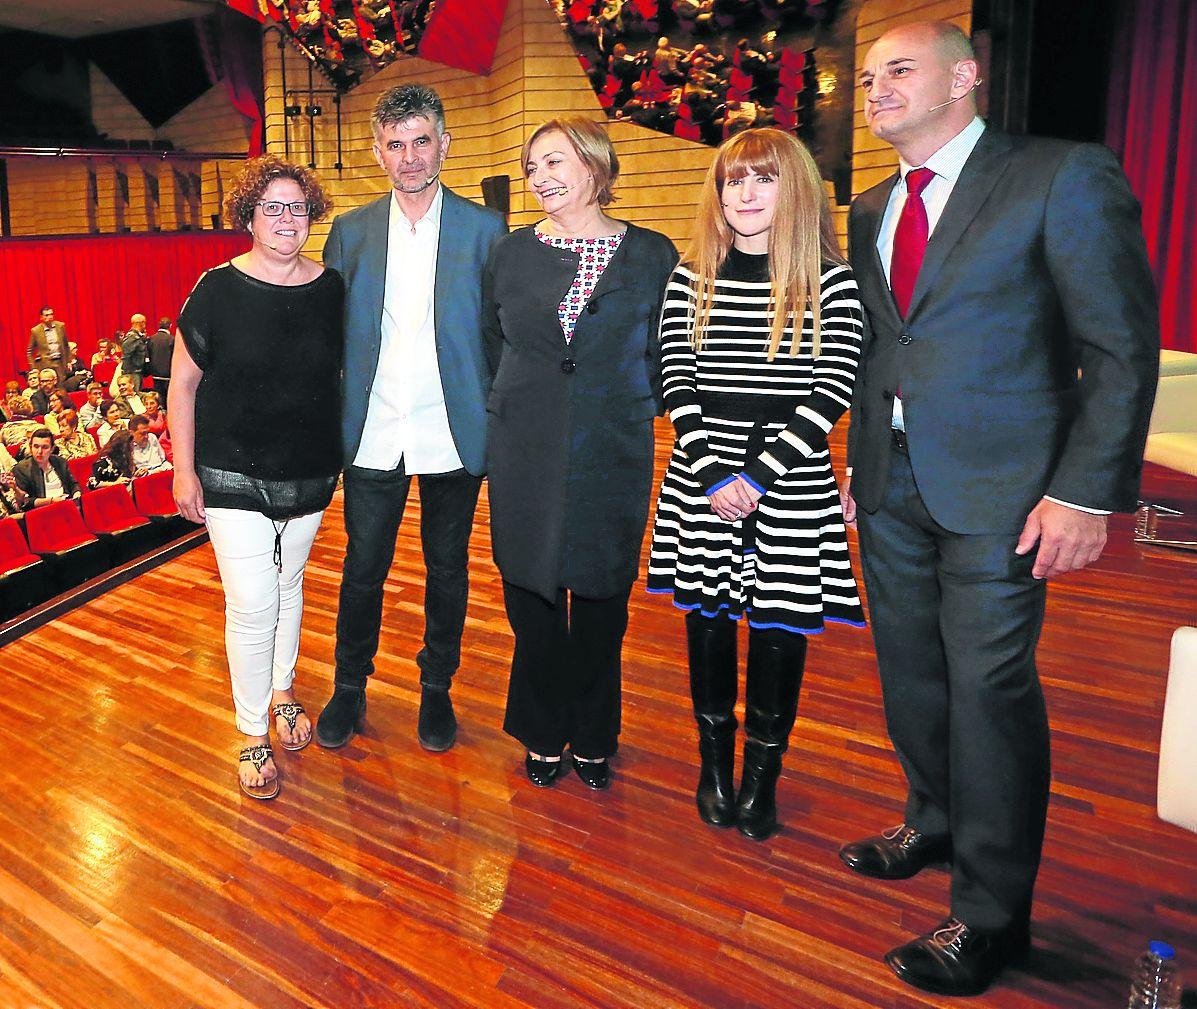 Casa de Cultura. Presentación documental Avilés, la ciudad que sabe reinventarse, con guión de Yoli y Jiménez. Avilés ©Marieta AVI